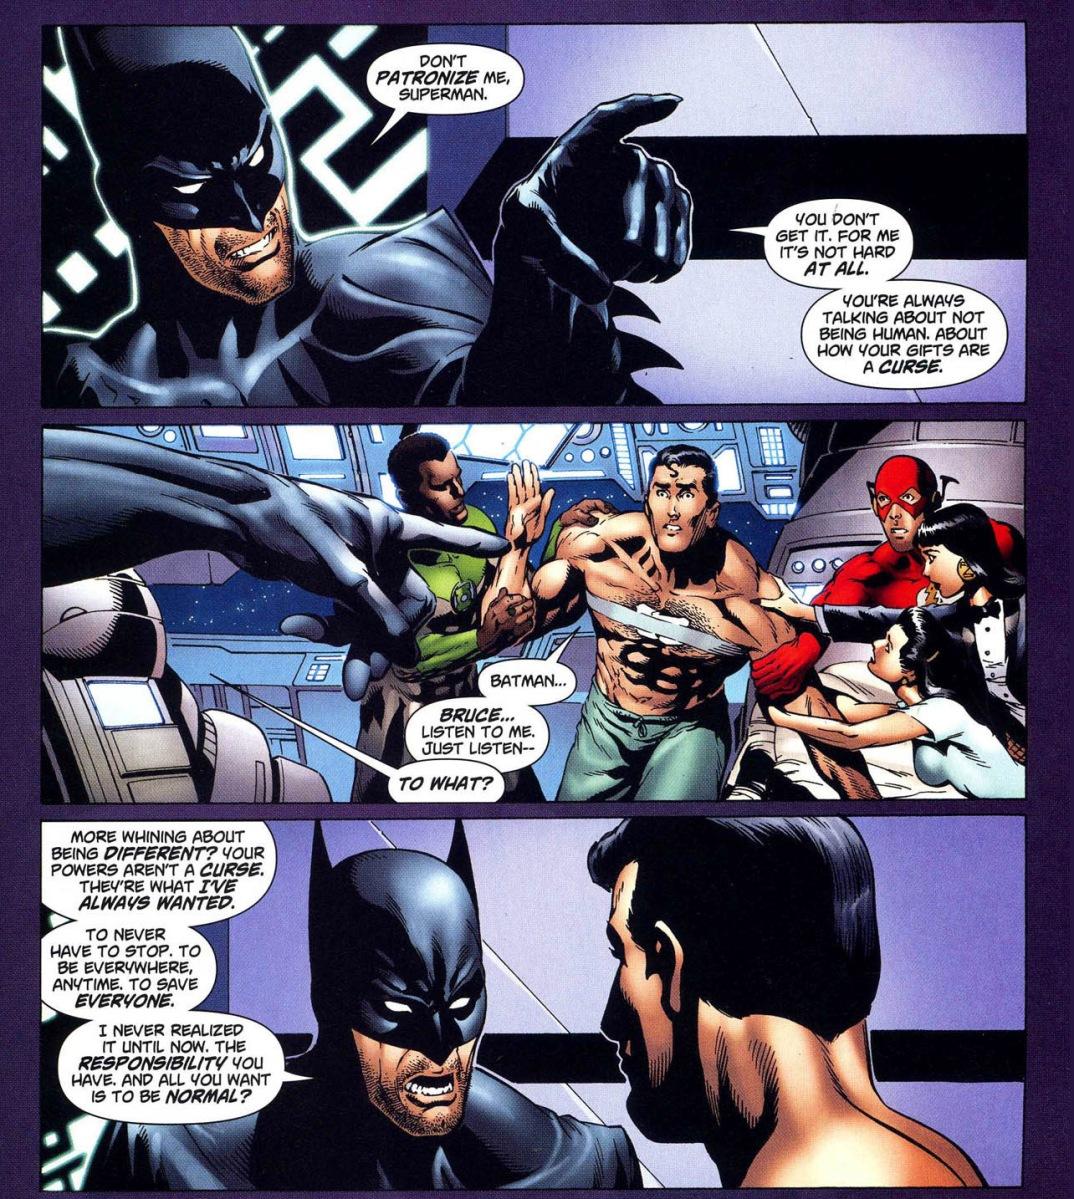 Young justice hentai superboy fucks martian ass - 4 5